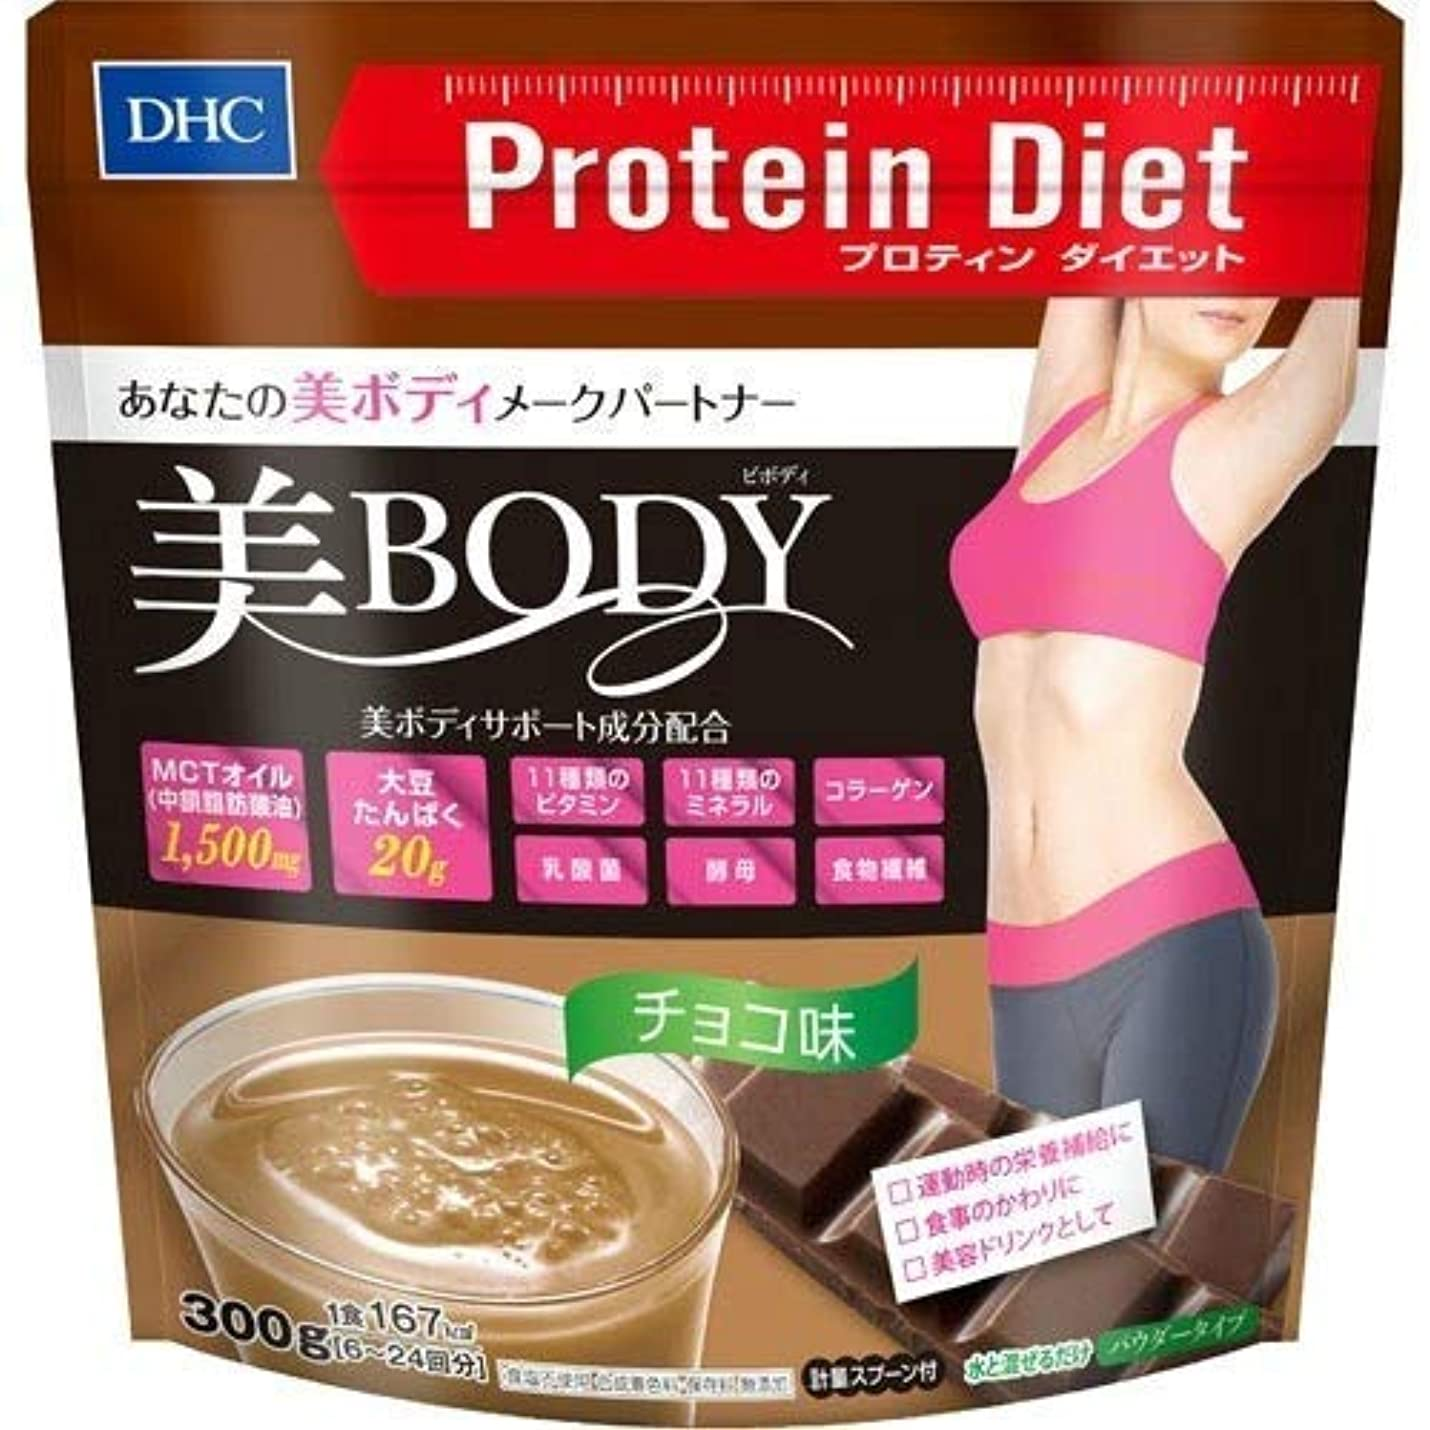 弁護昼食パラシュートDHC プロテインダイエット 美Body チョコ味 300g×2個